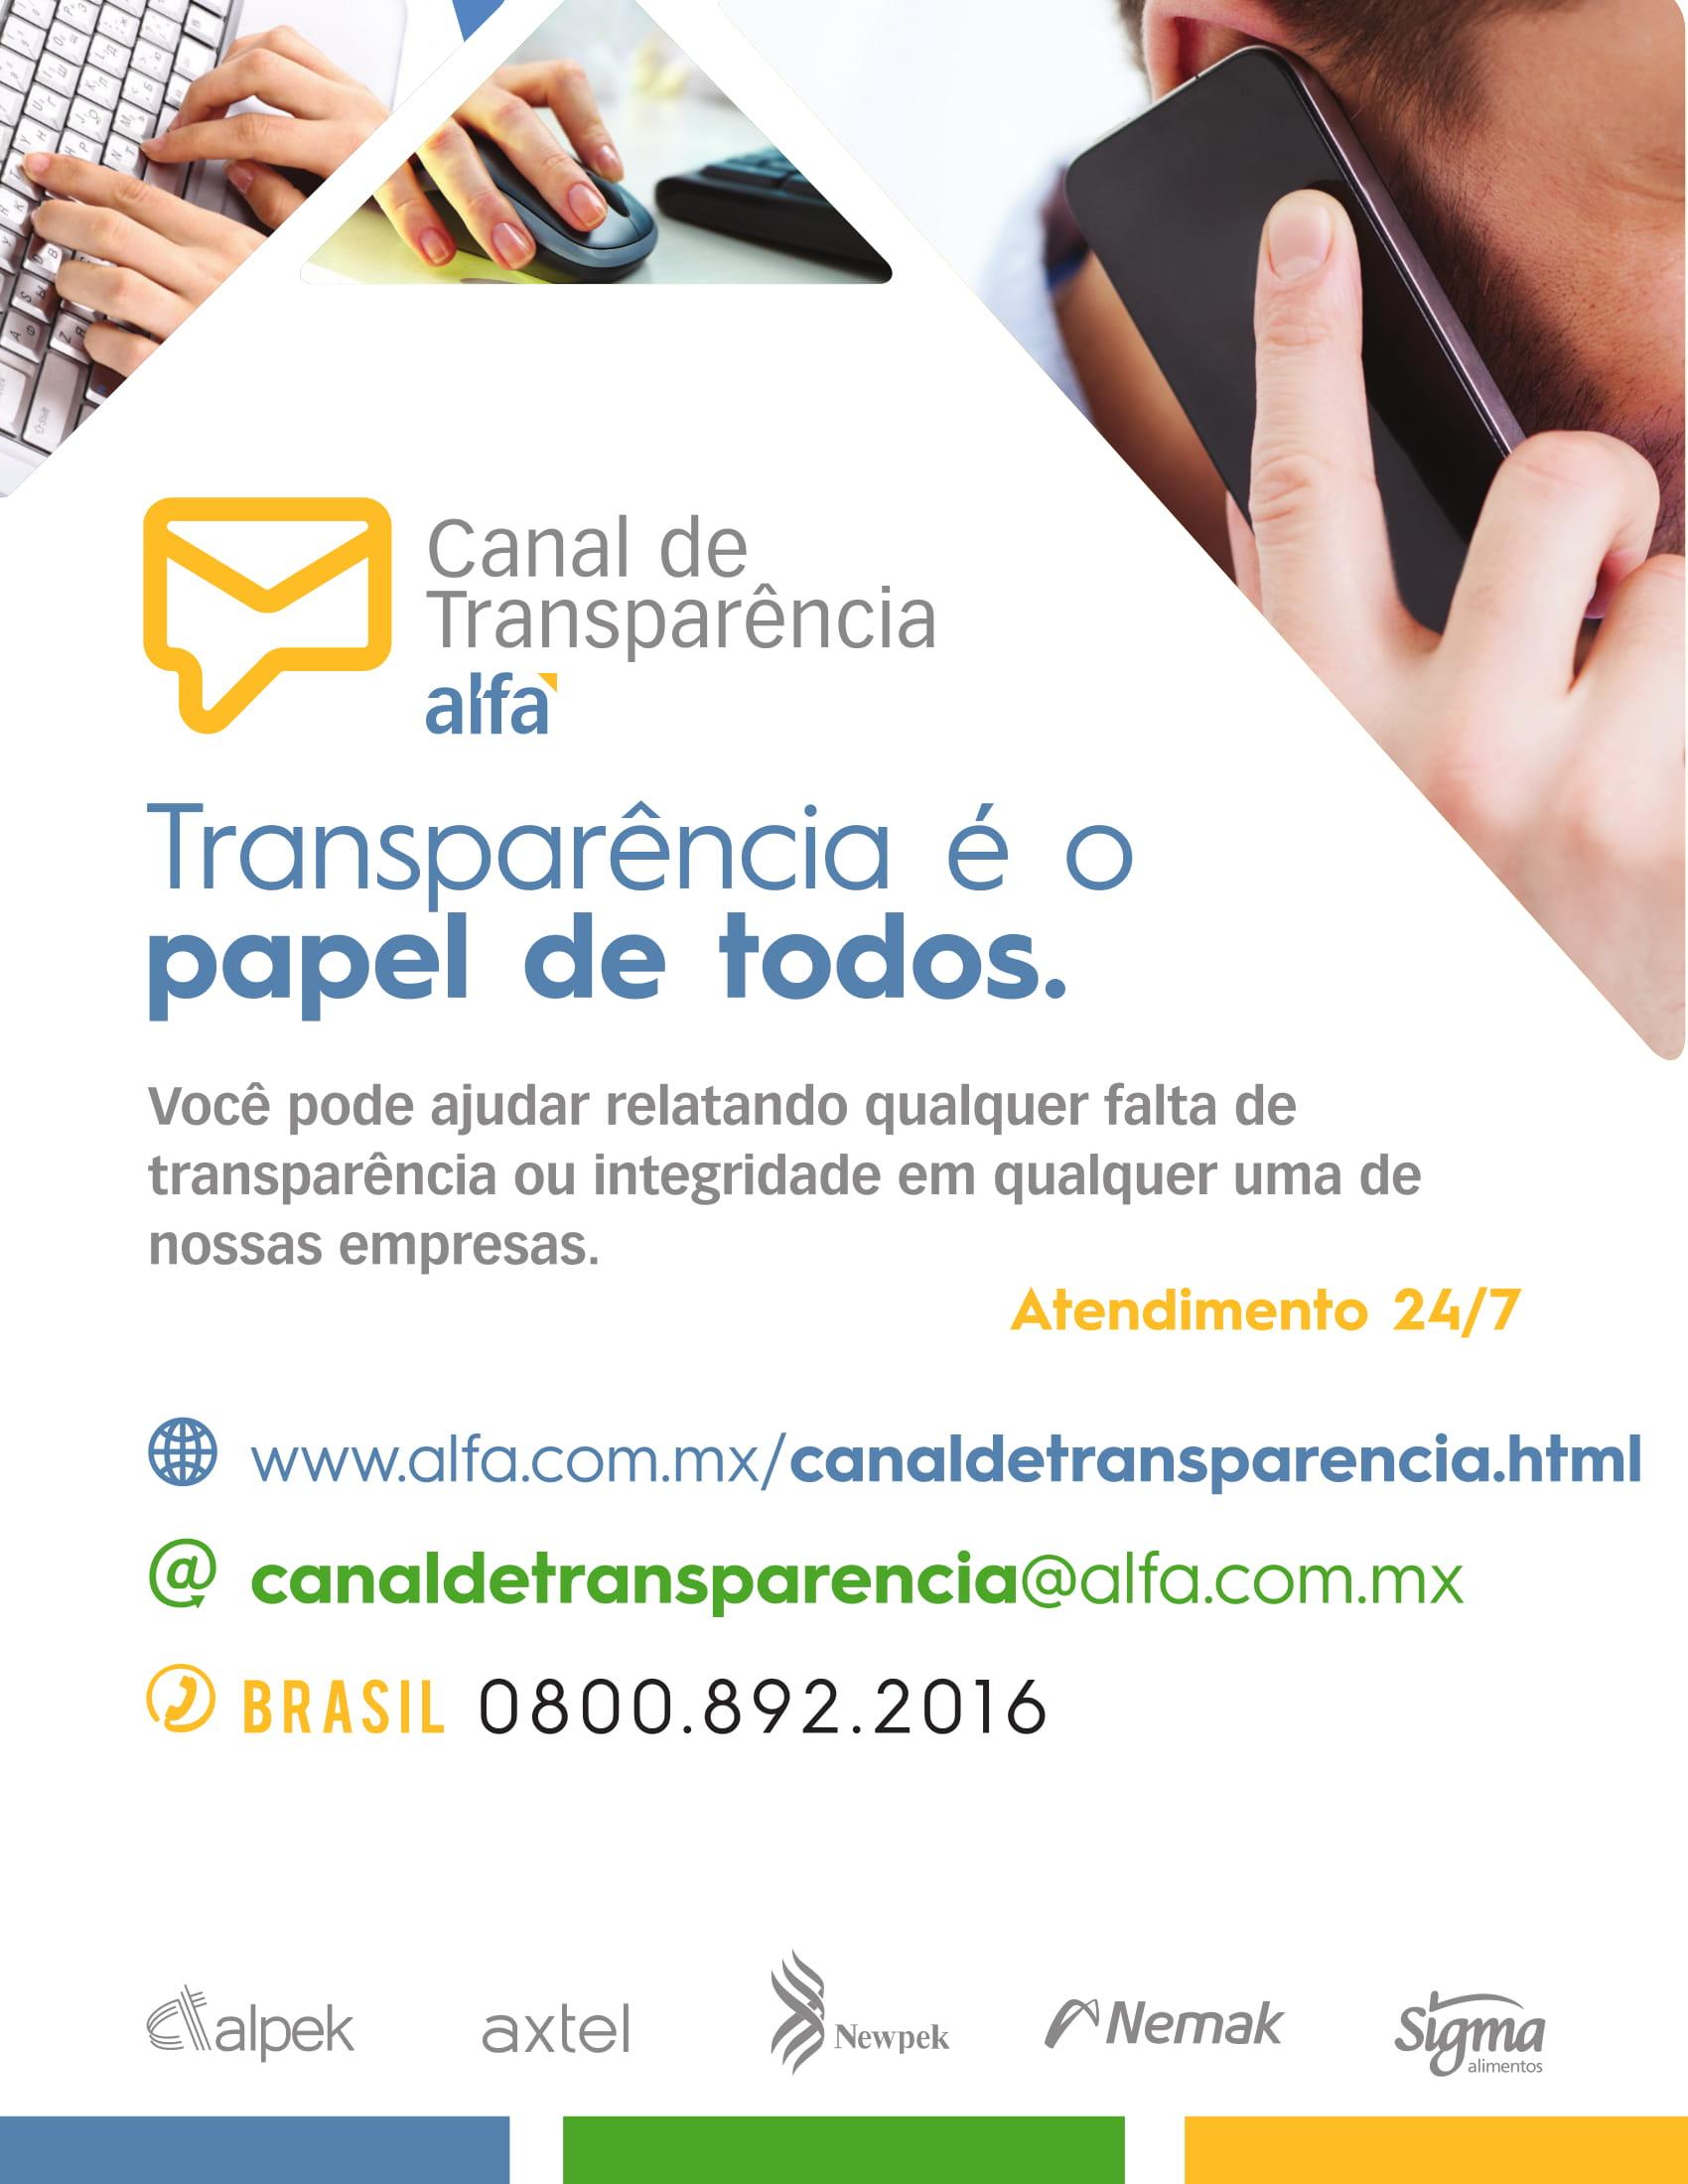 Canal de Transparência